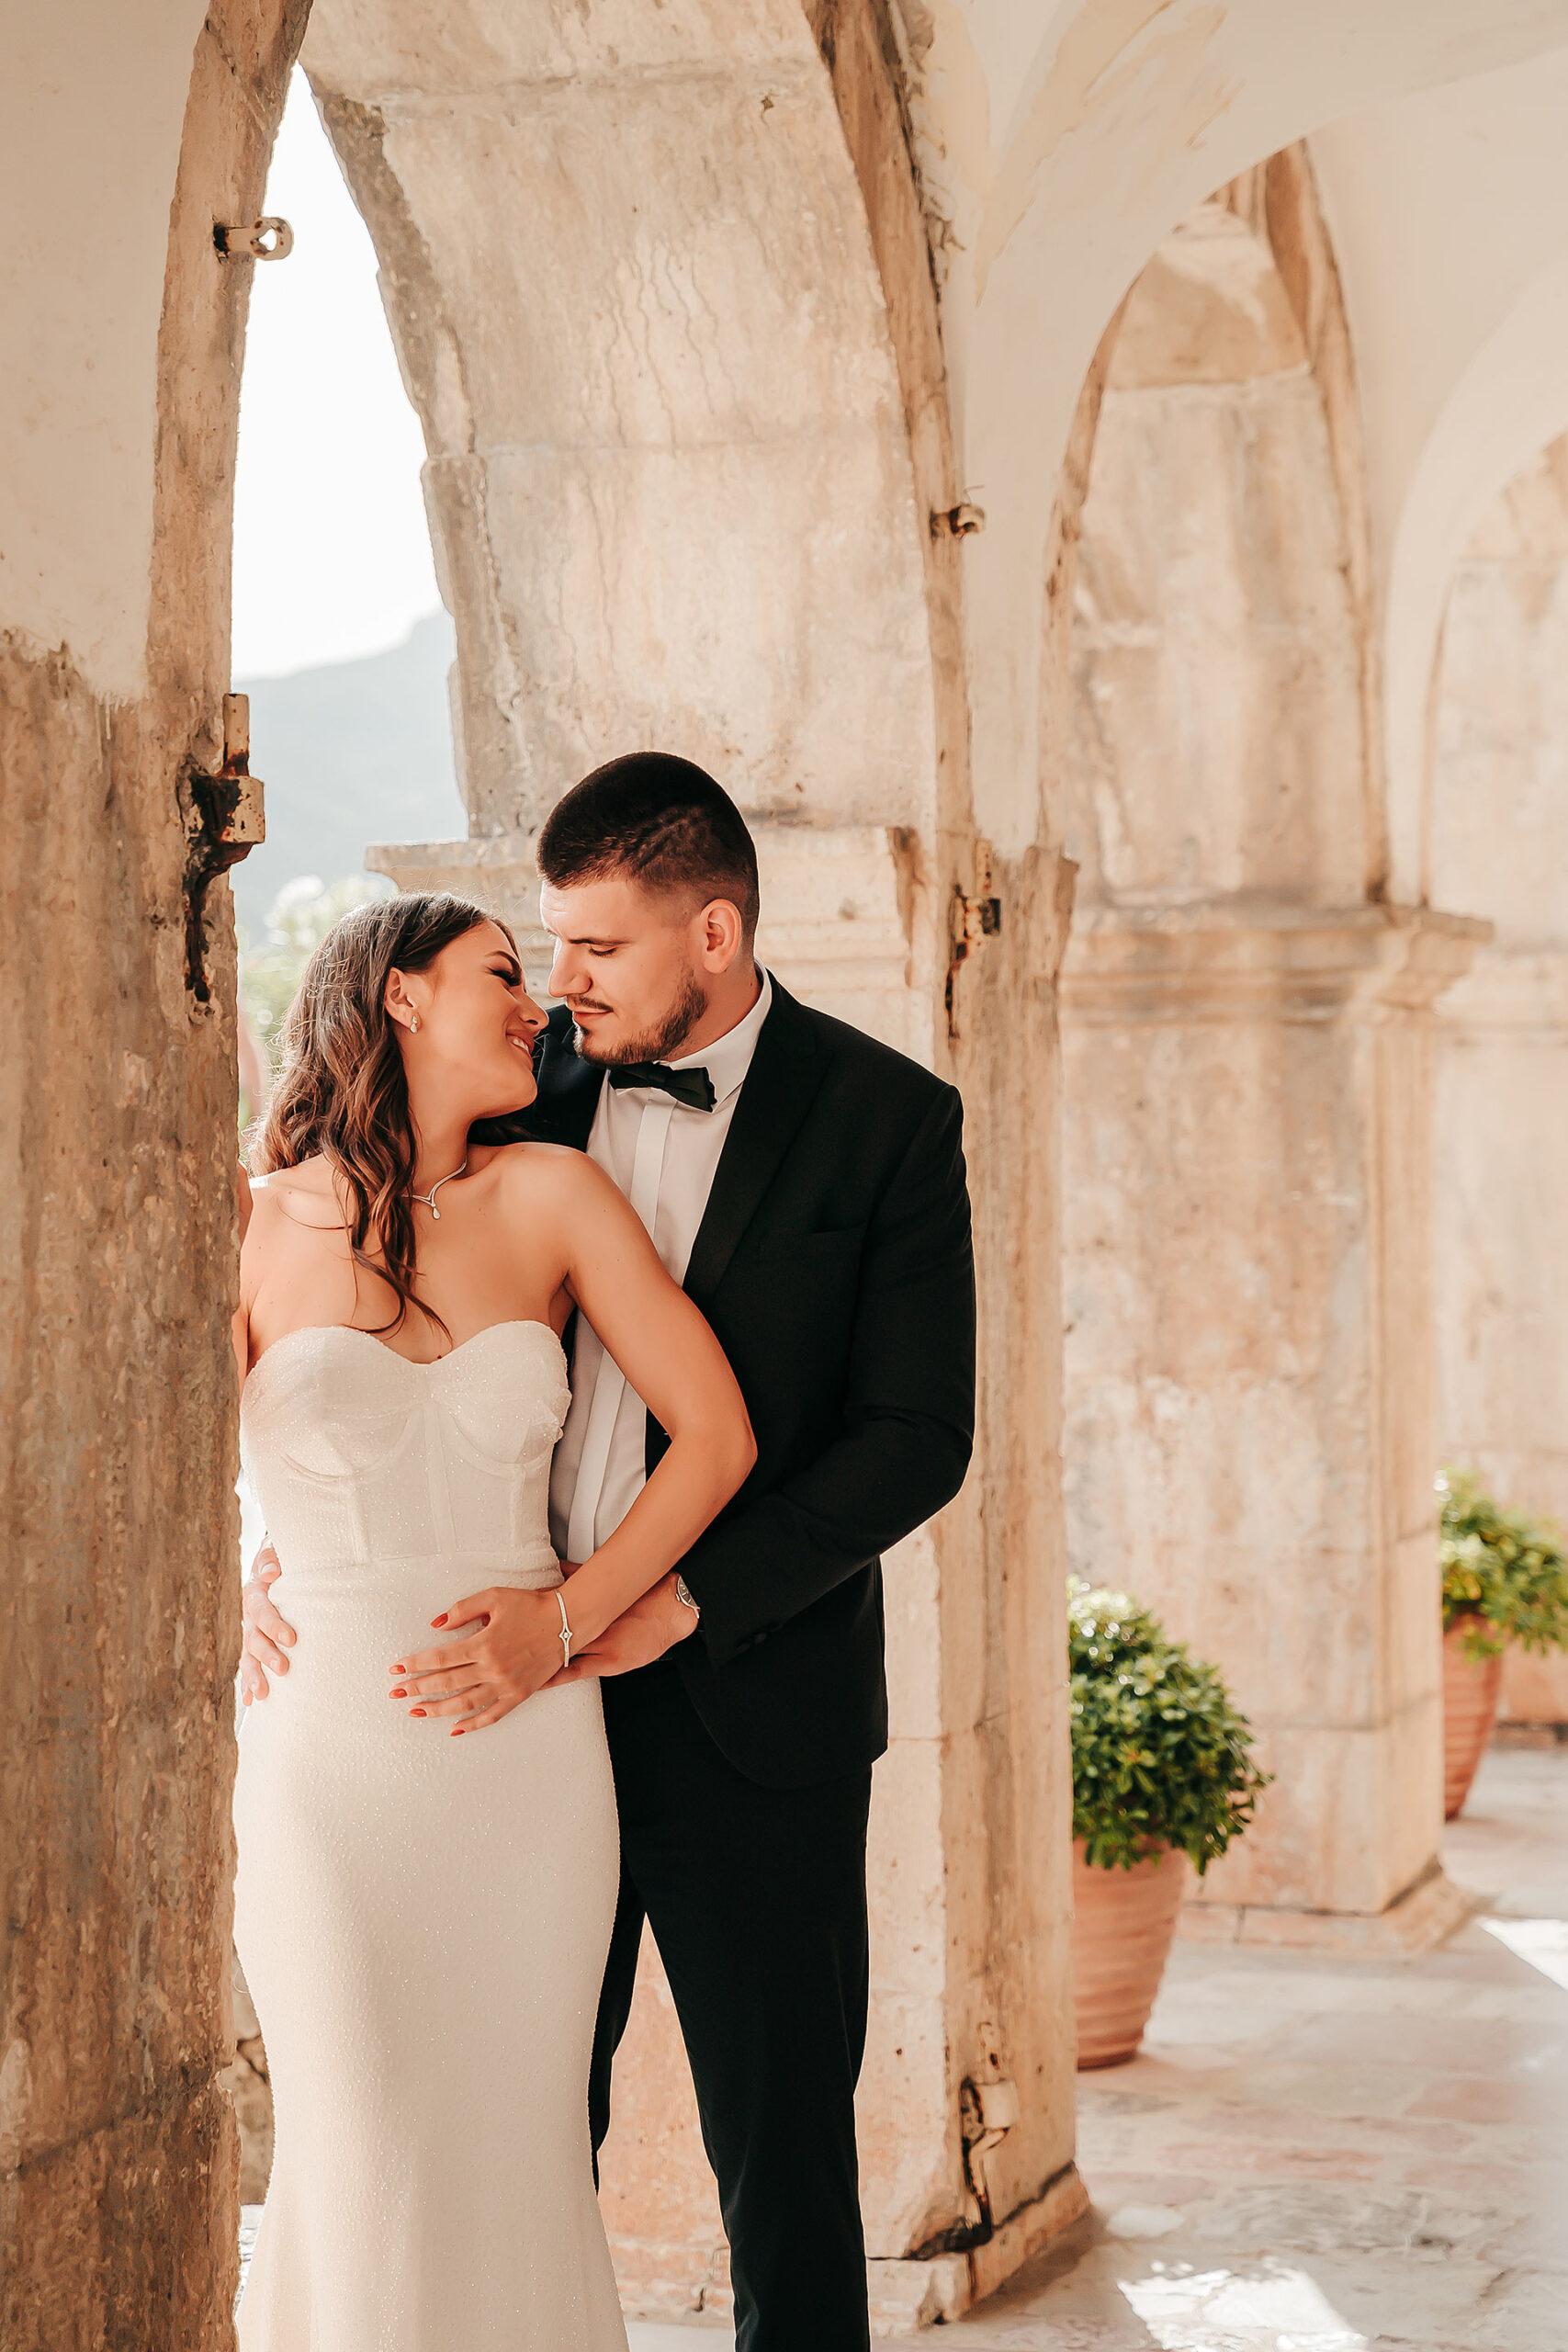 HochzeitsfotografieElopementHochzeitimAusland scaled - Hochzeitsreportage